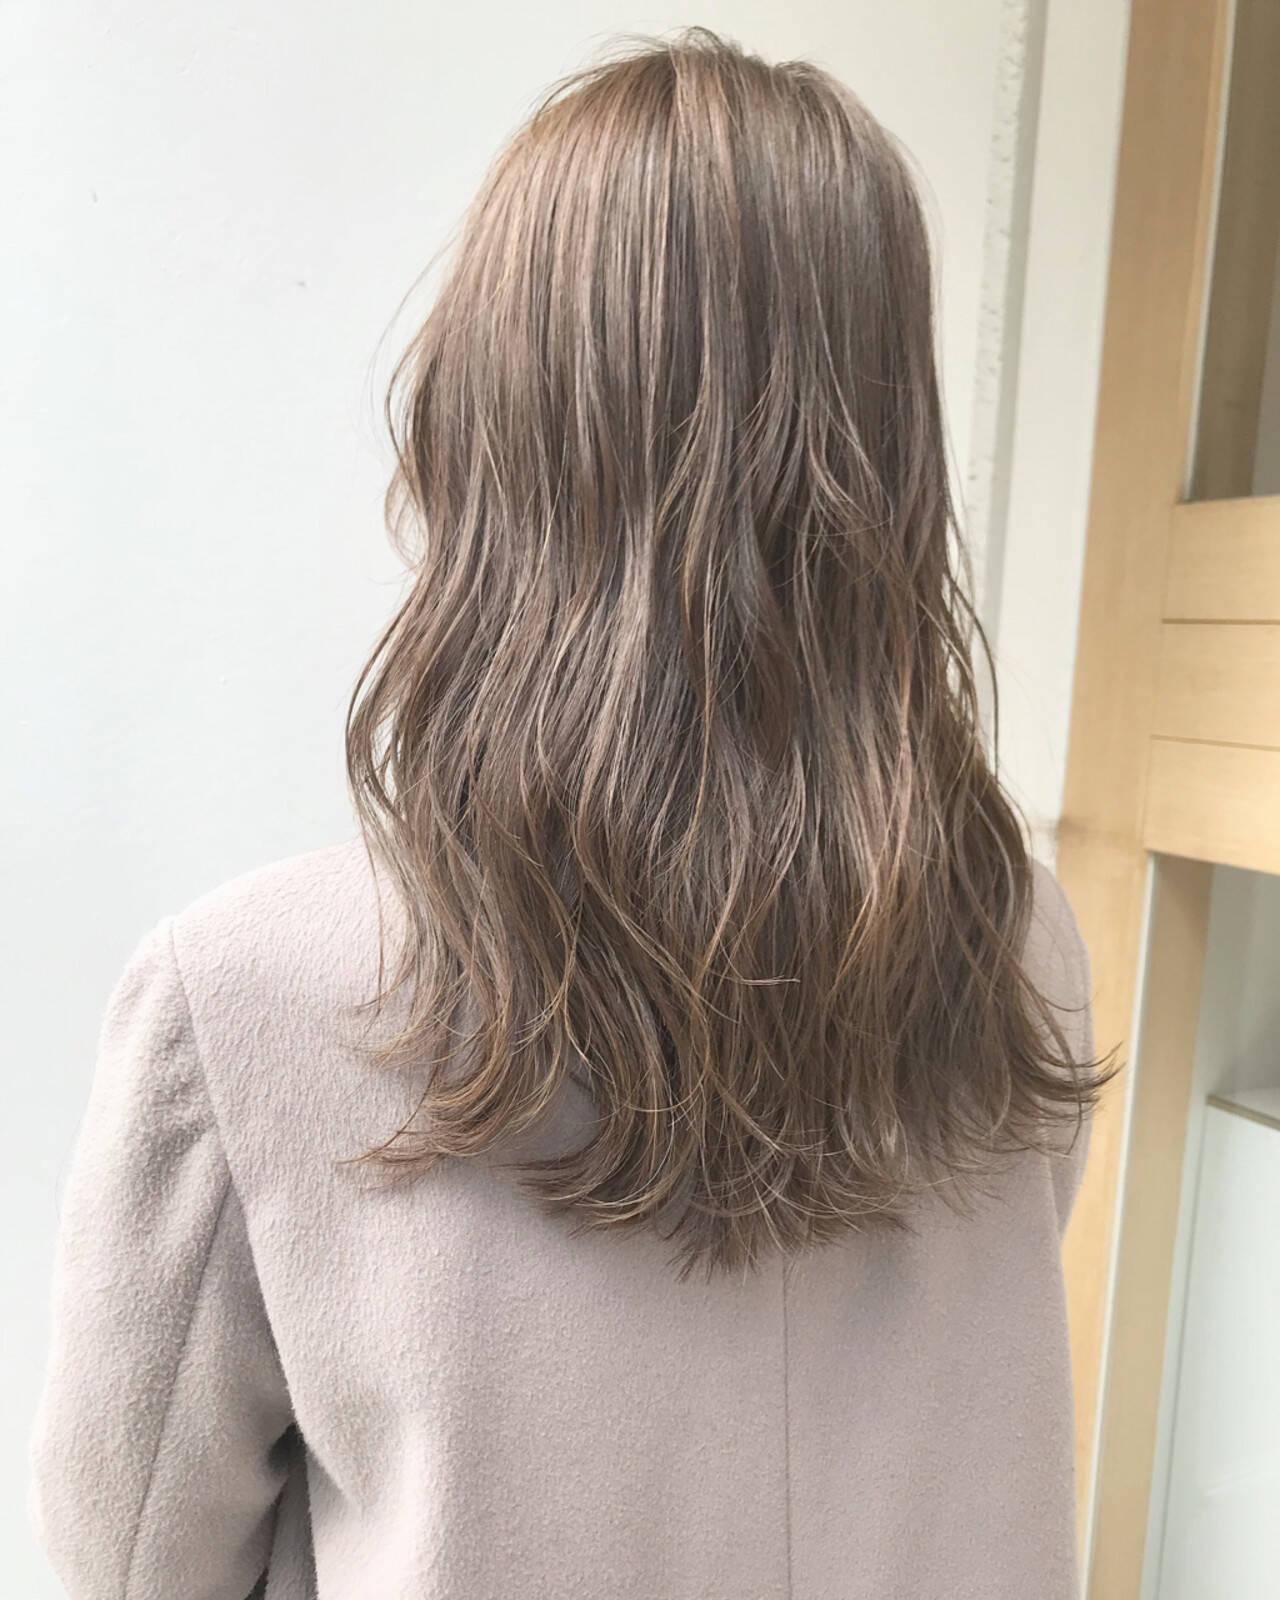 ナチュラル グレージュ セミロング ヘアアレンジヘアスタイルや髪型の写真・画像